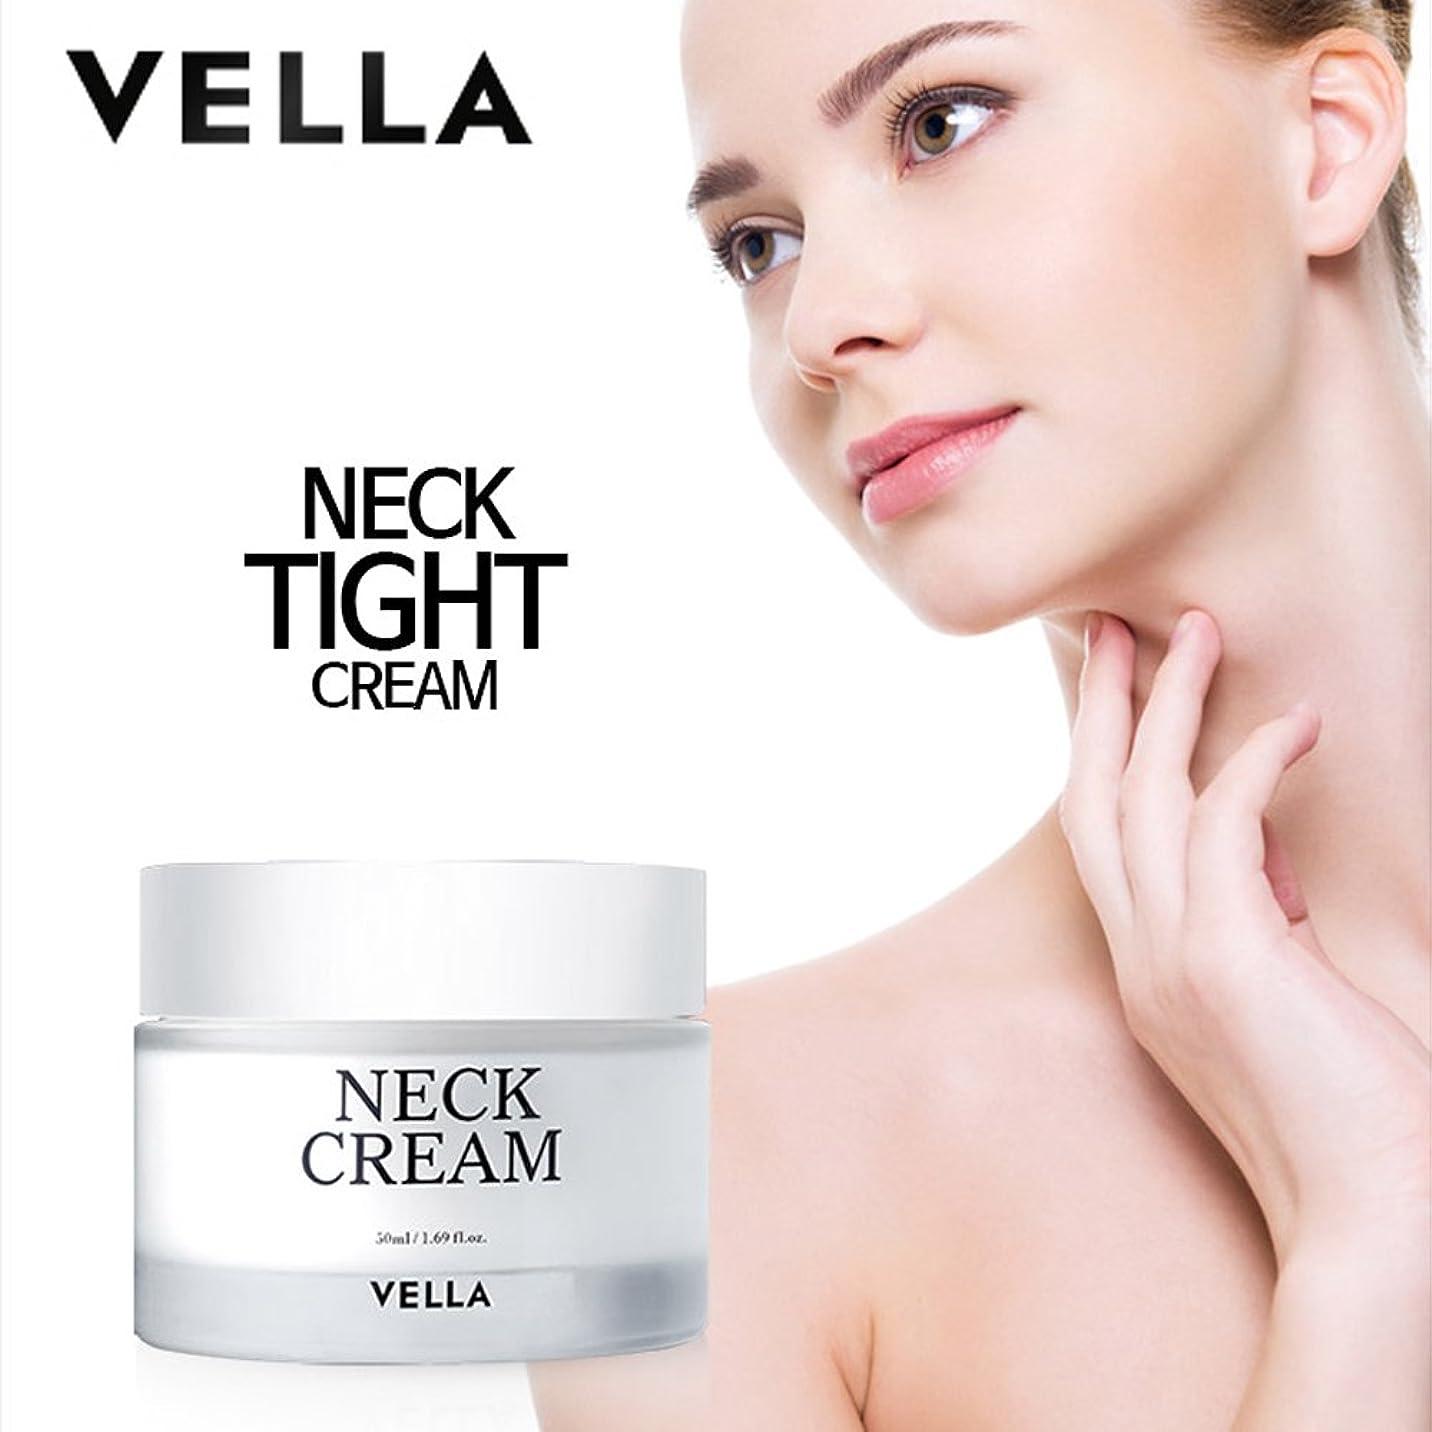 エキス舞い上がるエトナ山VELLA Anti Wrinkle & Whitening Strong Neck Cream(体がキレイvella首専用のクリーム) 50ml [並行輸入品]